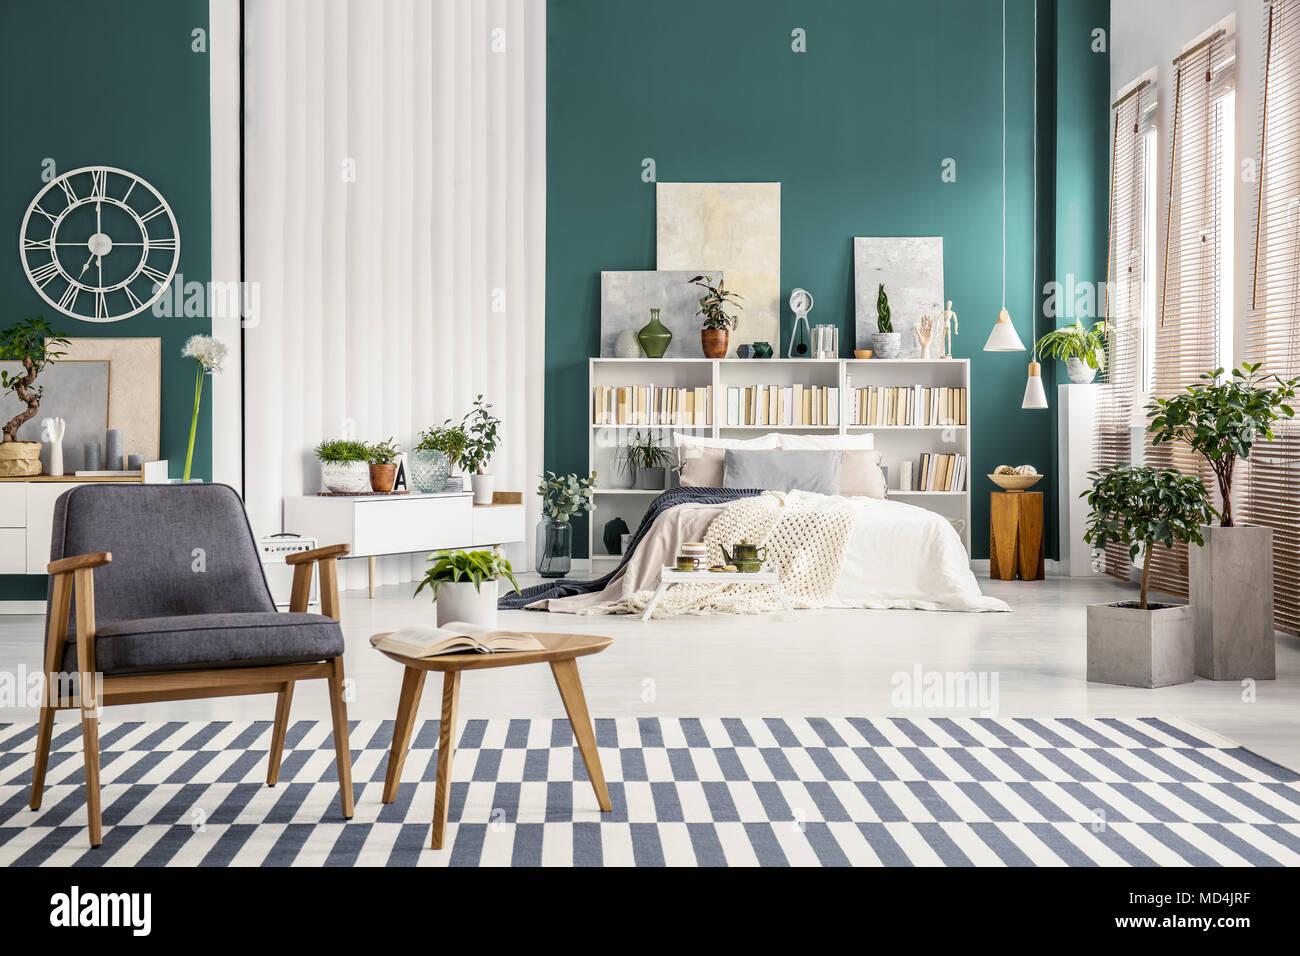 Fantastisch Weiß Bett Gegen Grüne Wand Und Vintage, Grau Sessel Auf Gestreiften Teppich  In Geräumigen Schlafzimmer Innenraum